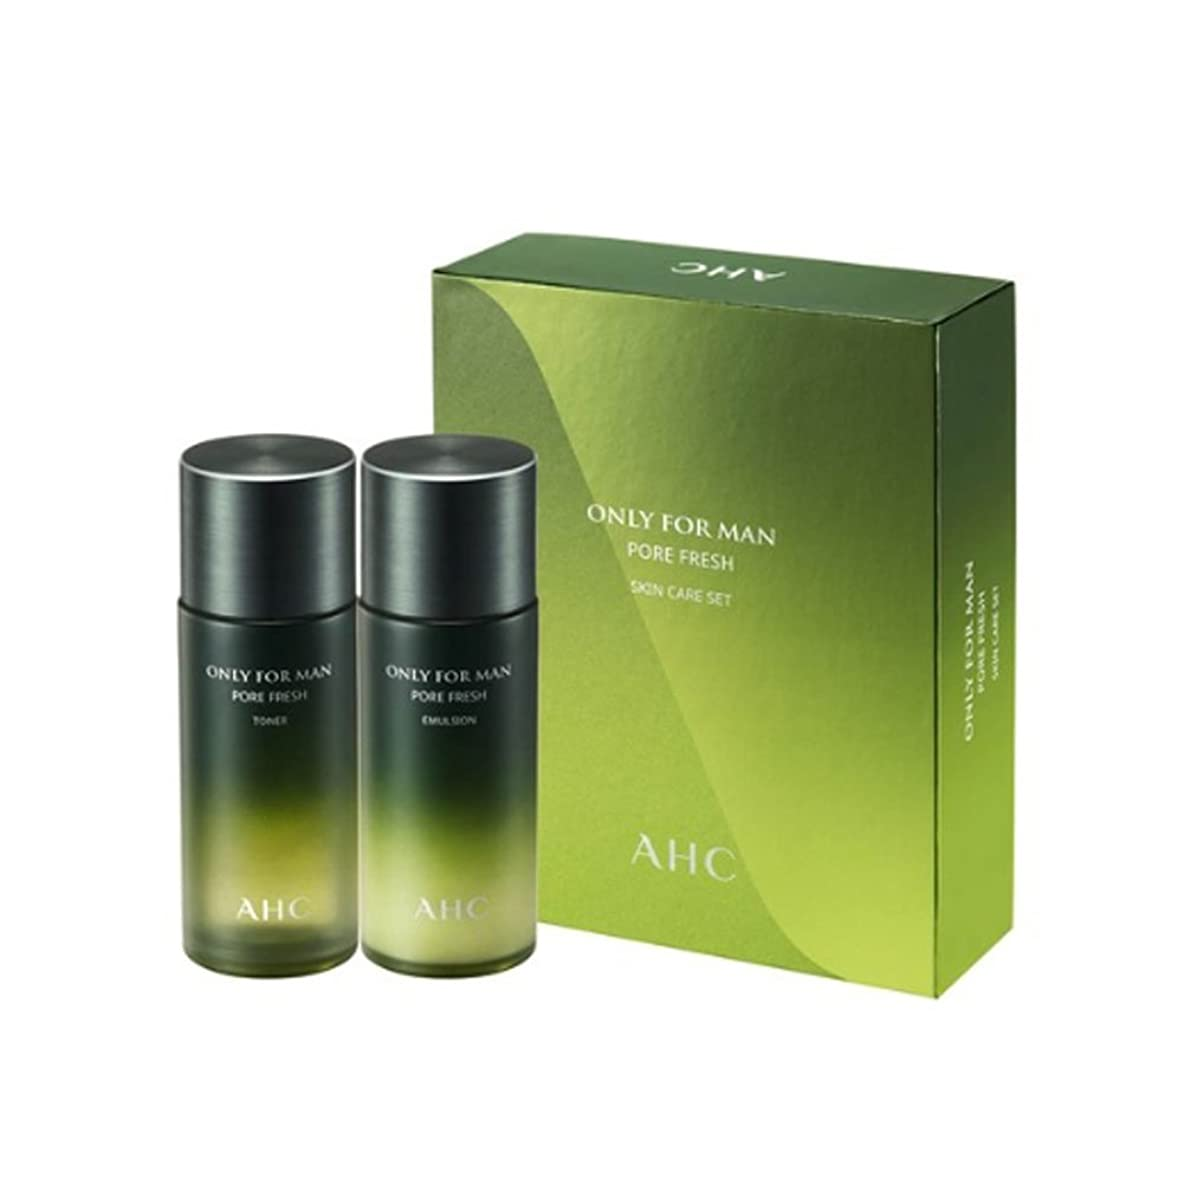 ナプキン適応的散逸AHCオンリーフォーマンフォア?フレッシュスキンケアセットトナー150ml + エマルション150ml 男性用化粧品、AHC Only For Man Pore Fresh Skincare Set Toner 150ml + Emulsion 150ml [並行輸入品]